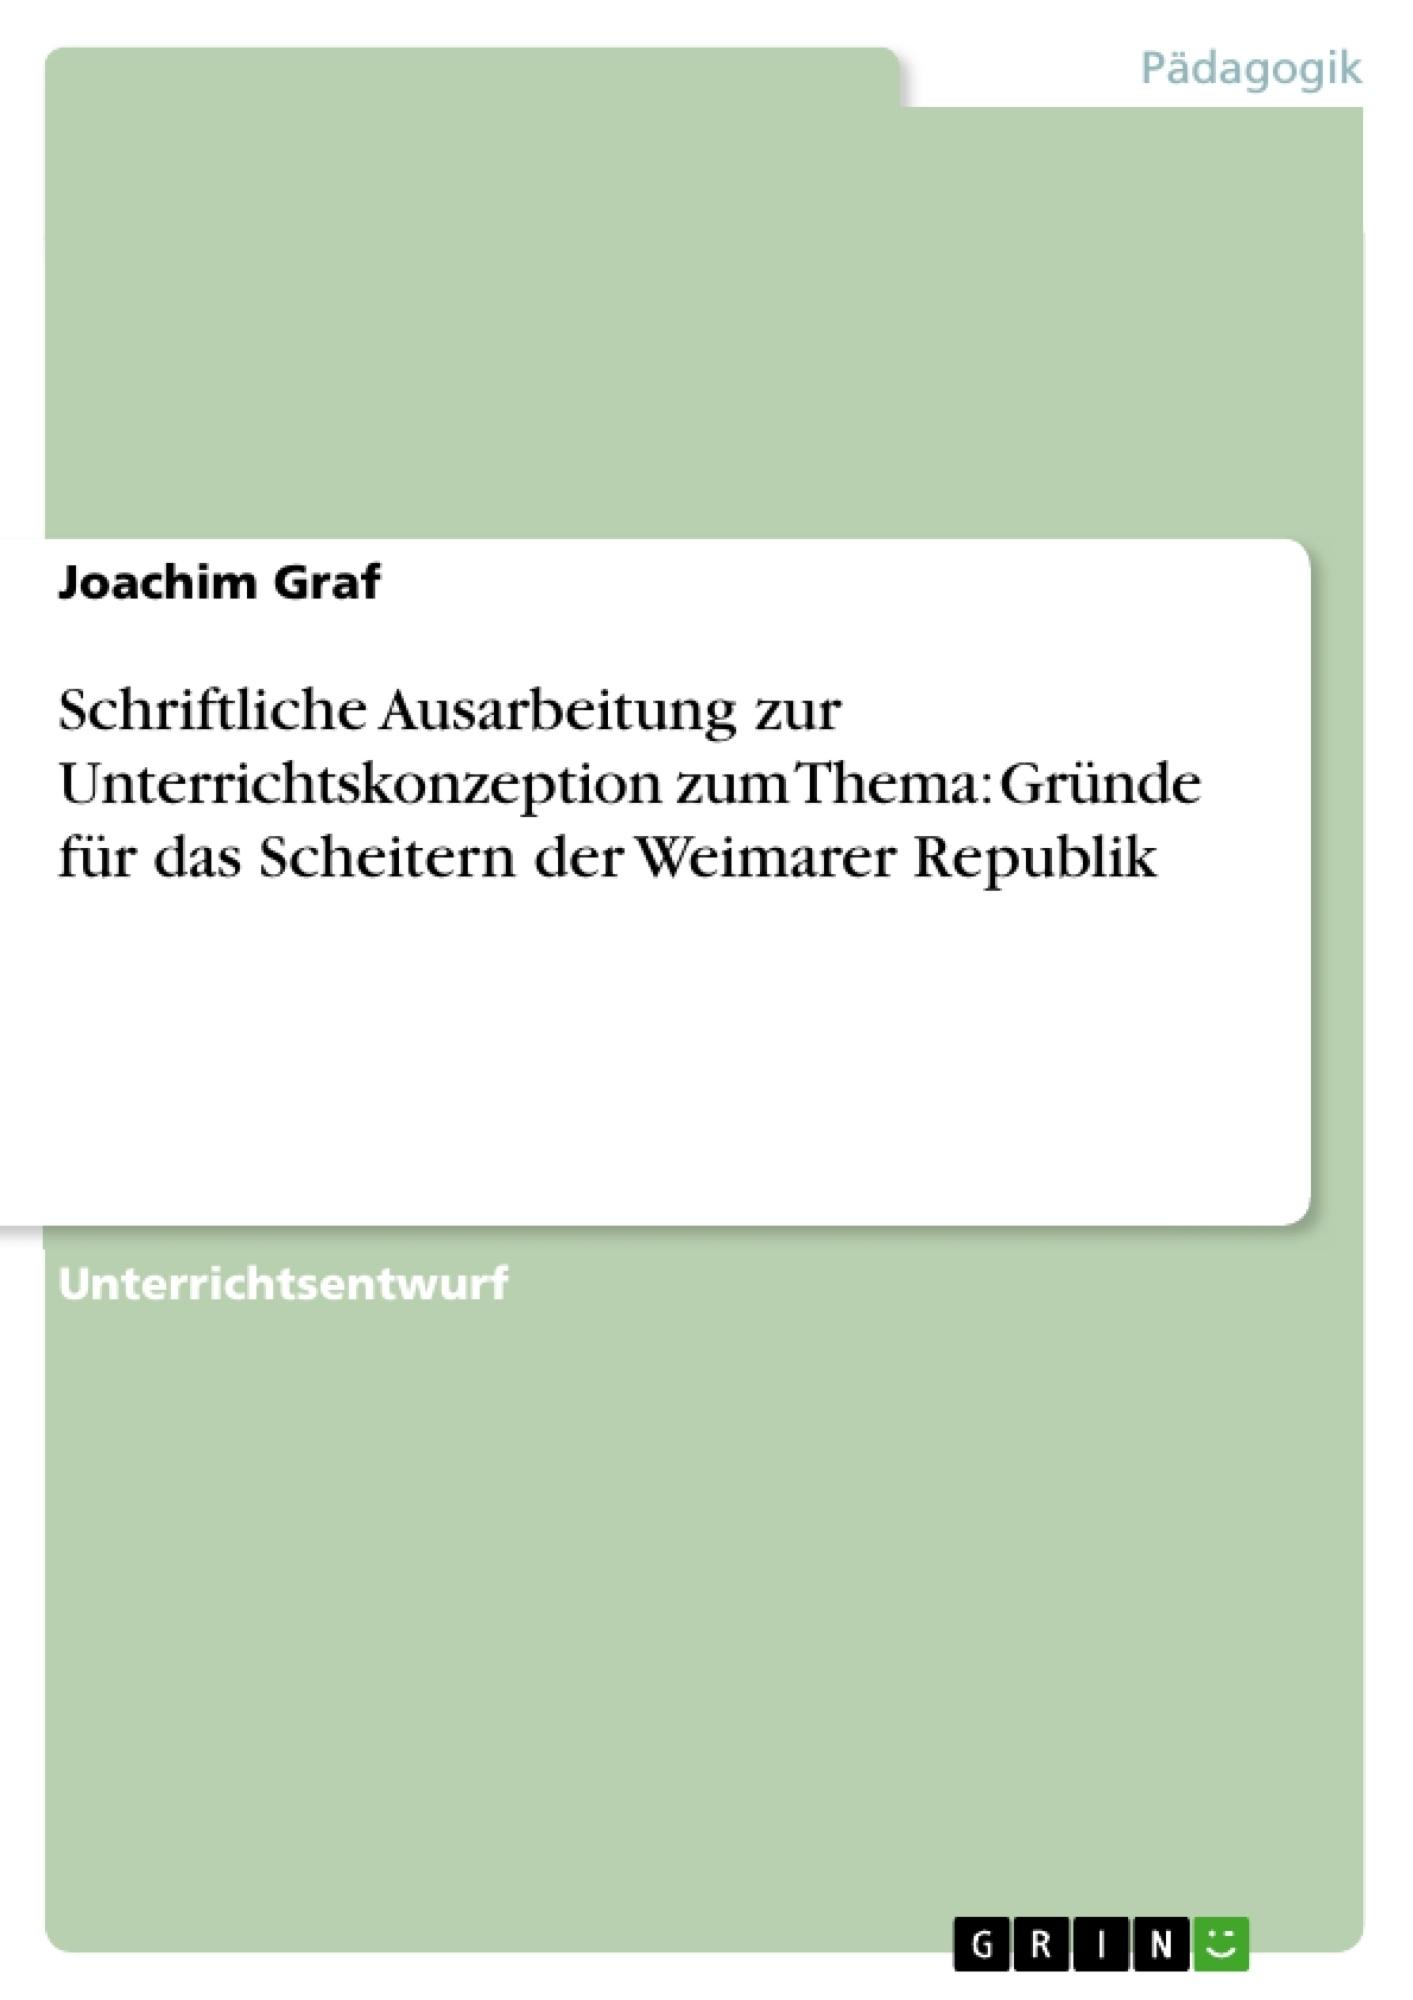 Titel: Schriftliche Ausarbeitung zur Unterrichtskonzeption zum Thema: Gründe für das Scheitern der Weimarer Republik